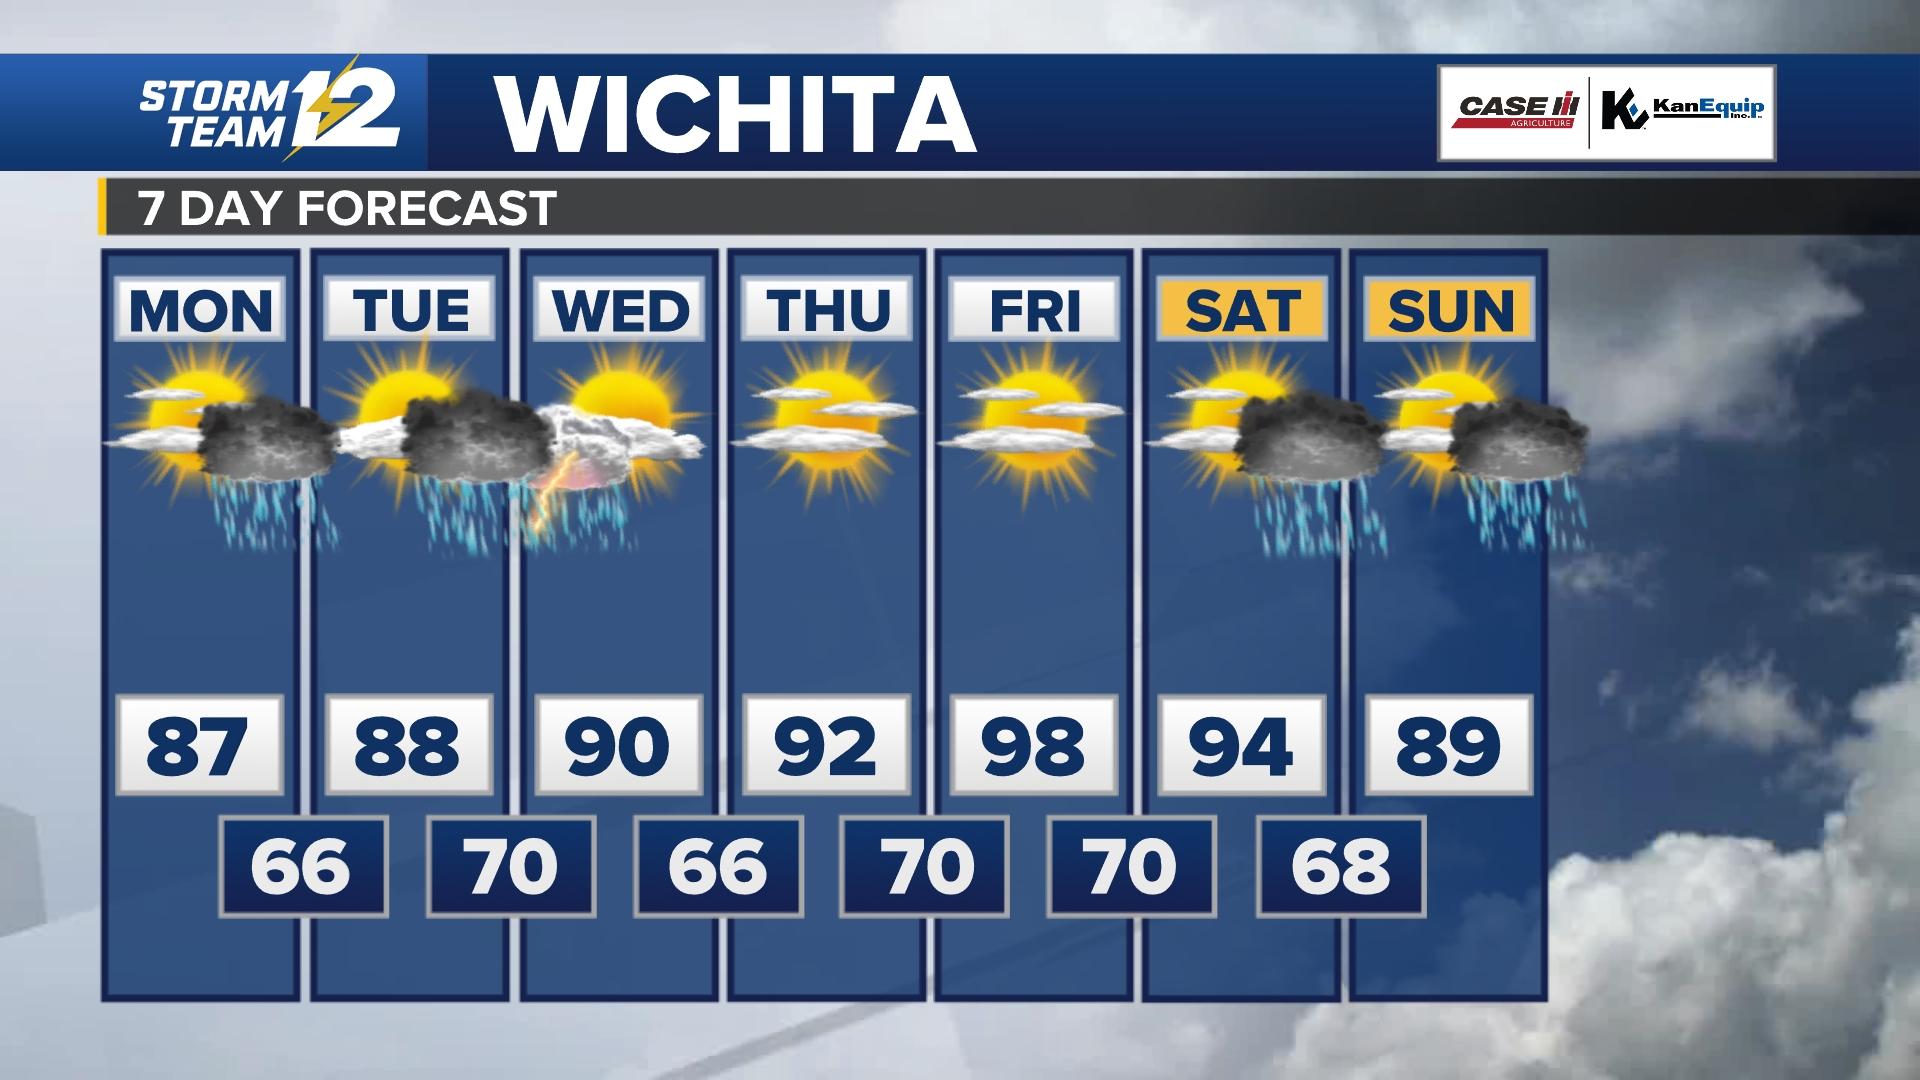 7天天气预报